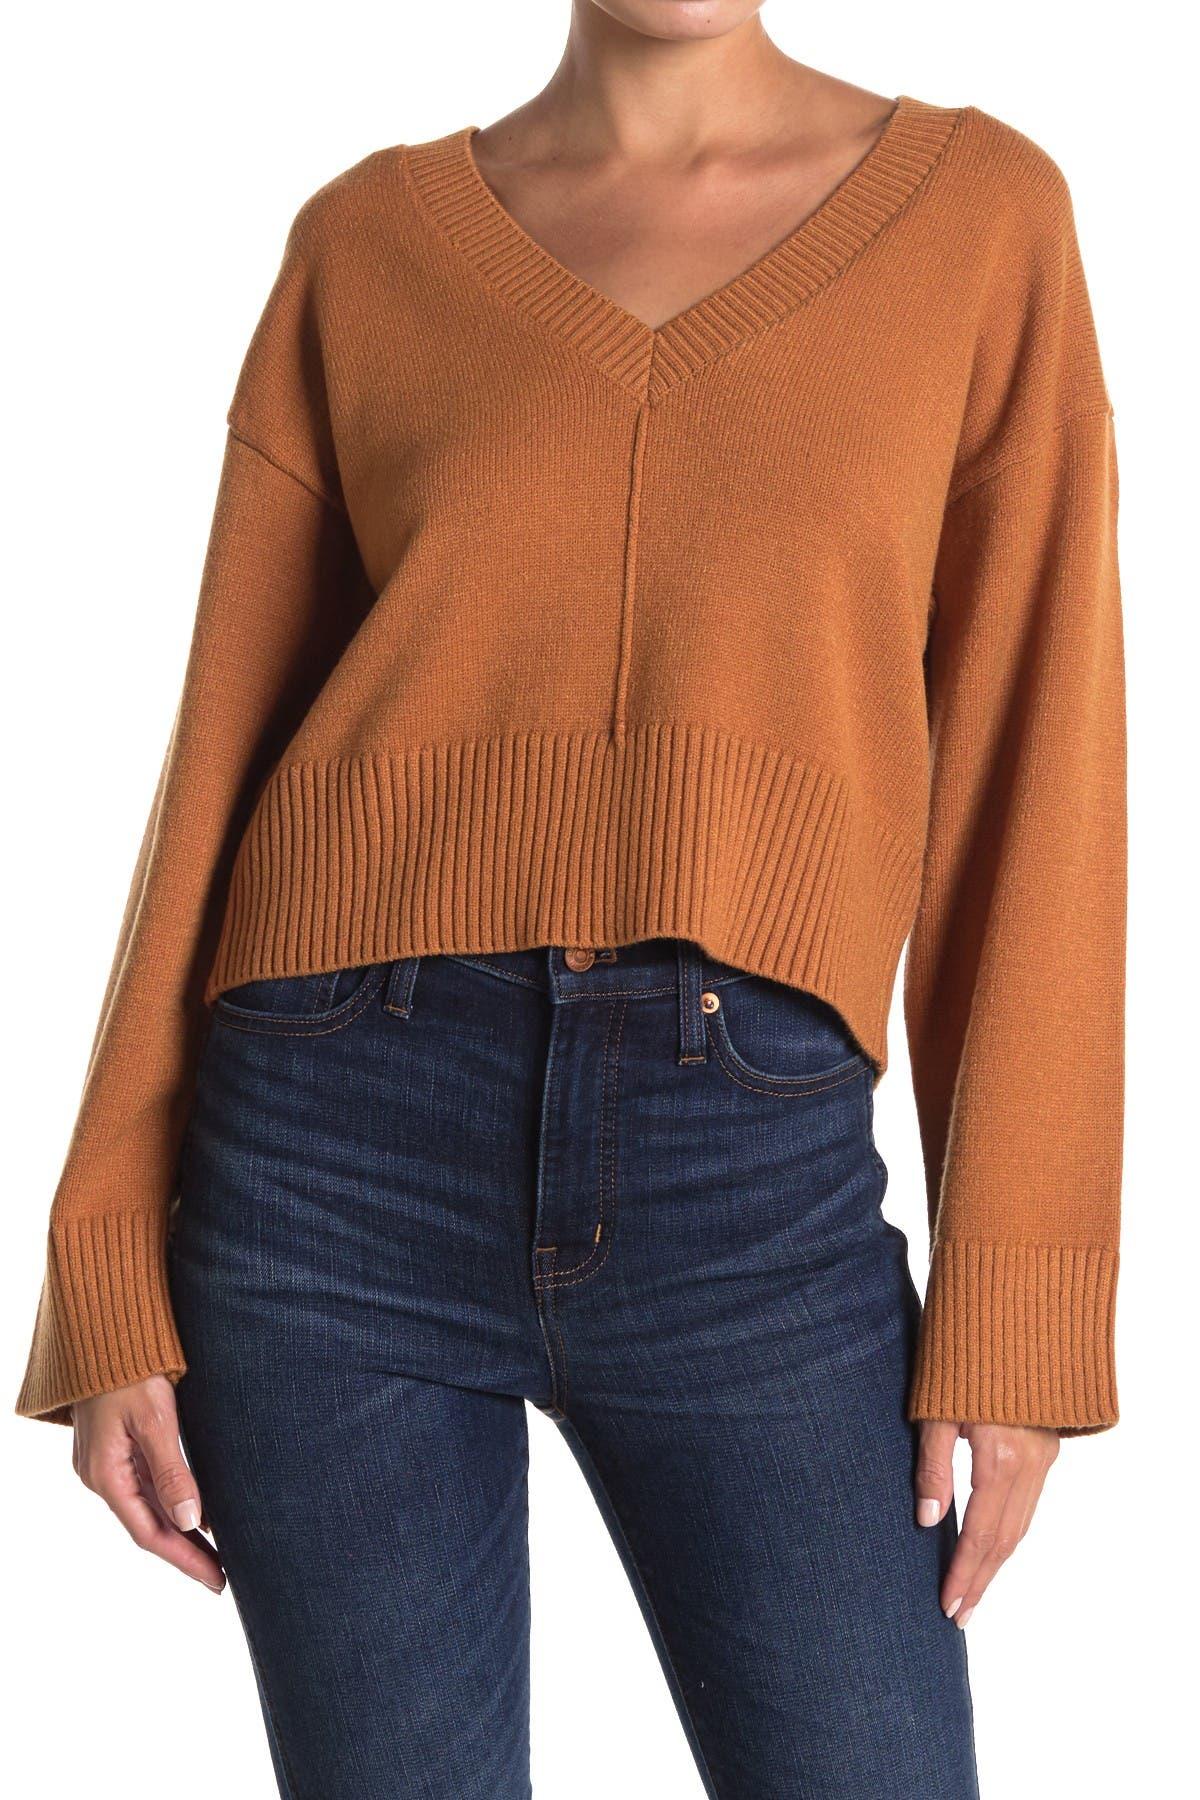 Image of Amuse Society Keri Long Sleeve Knit Sweater